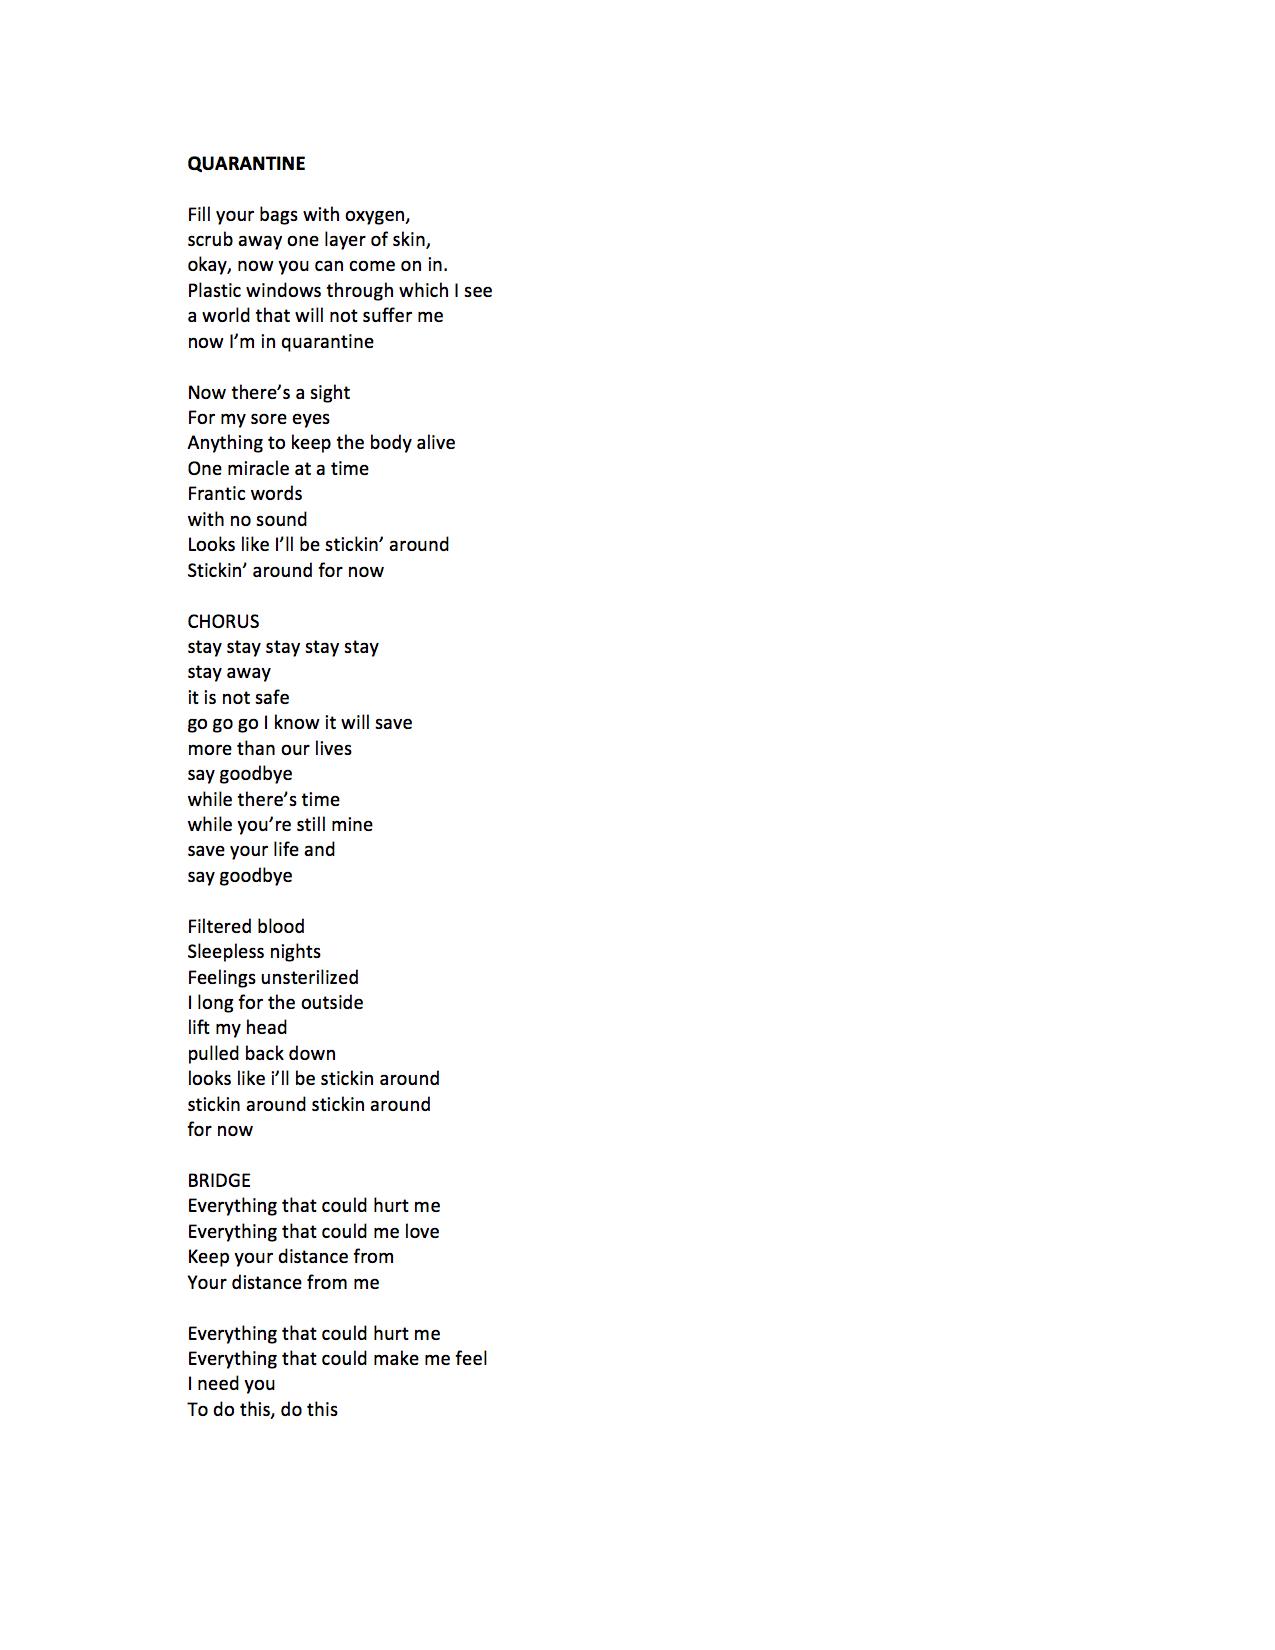 Quarantine Lyrics.jpg